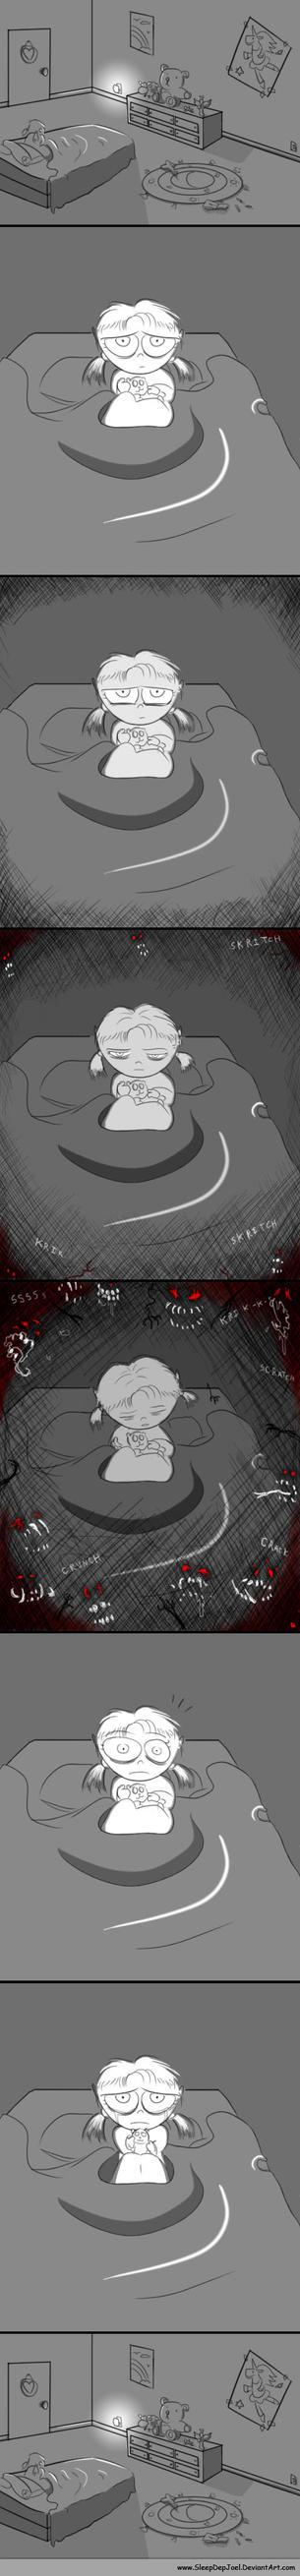 Please, Please Stay Awake... by SleepDepJoel